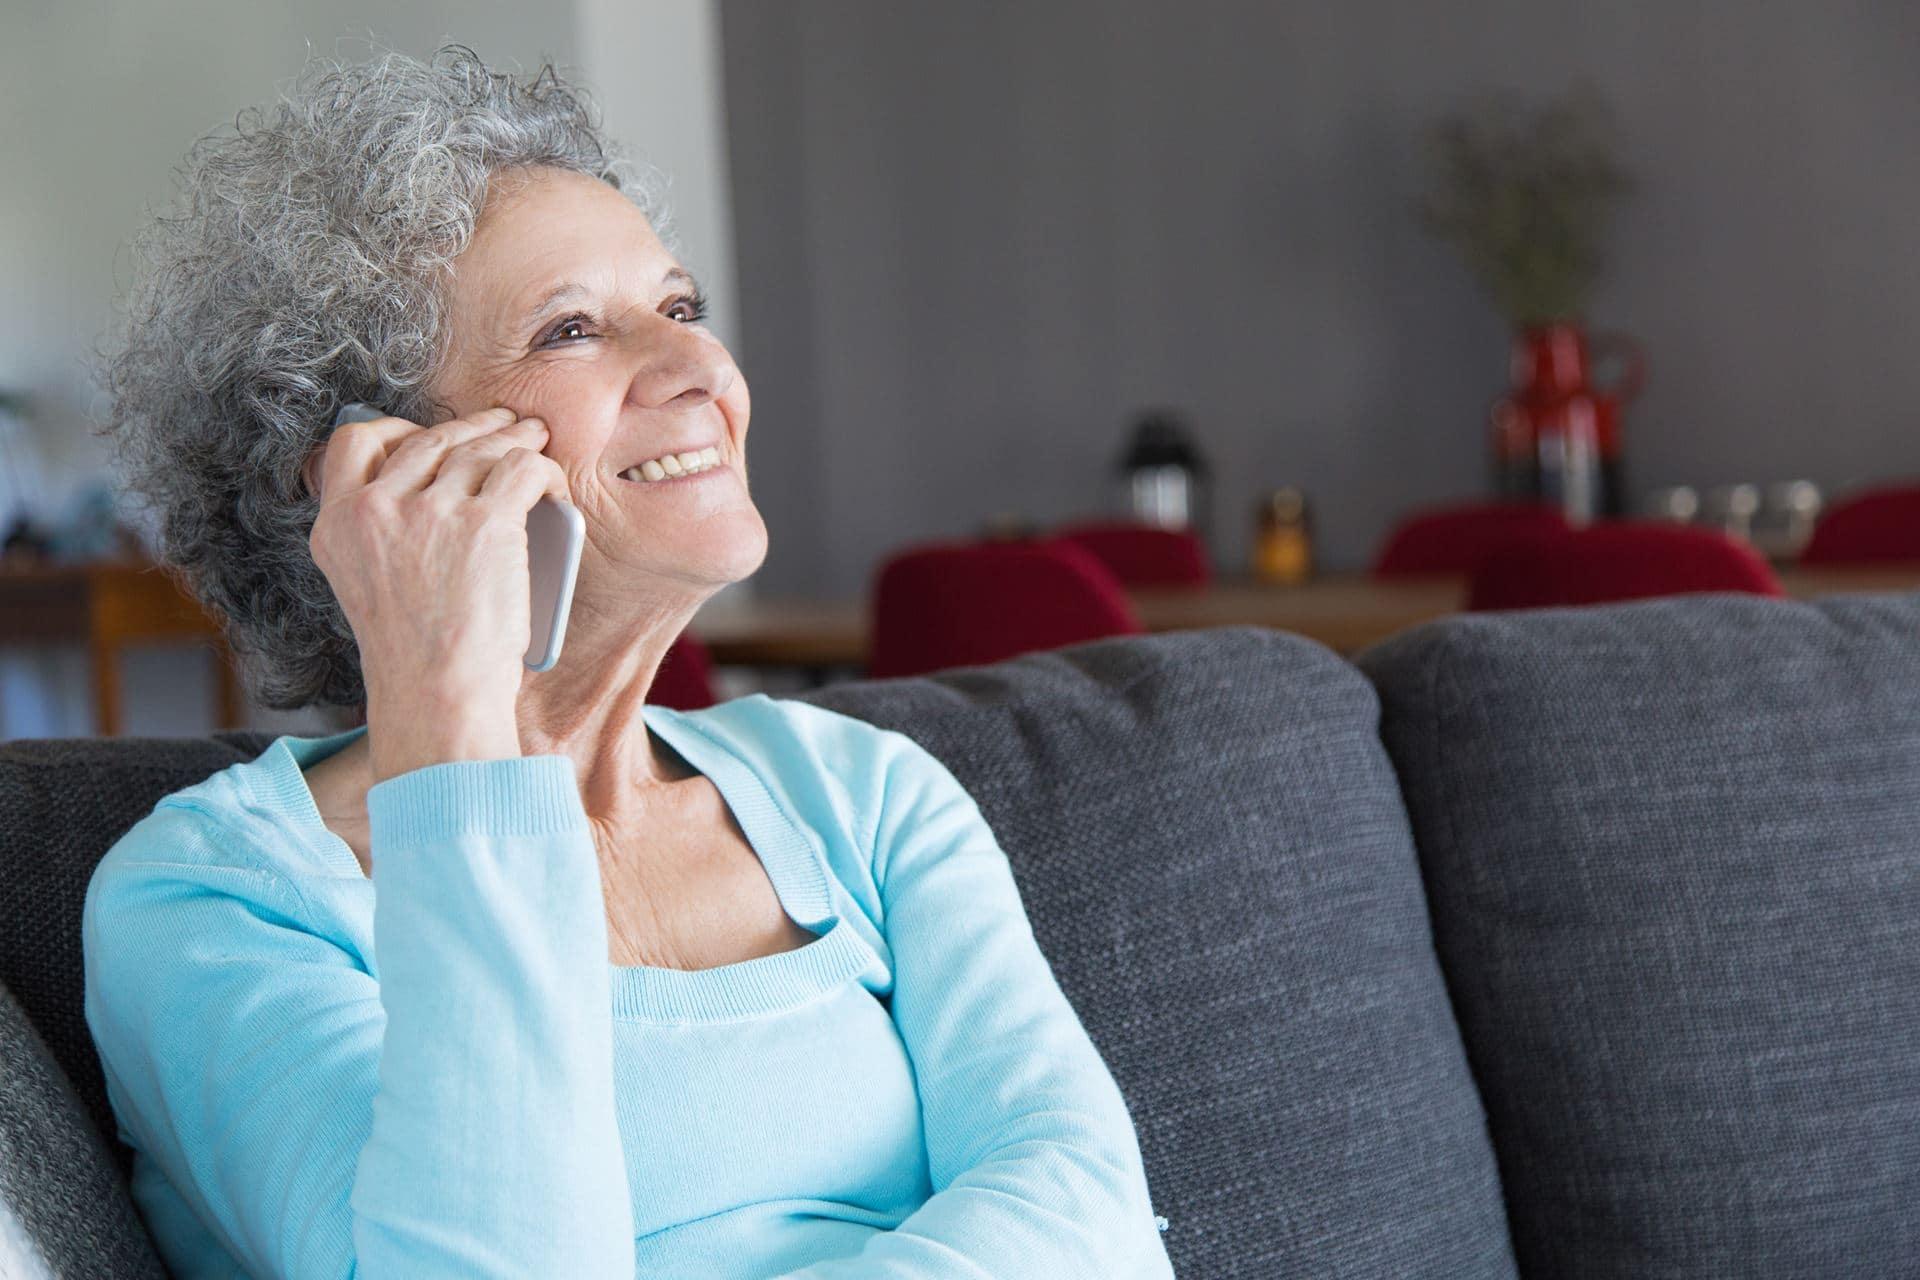 קלינאית תקשורת פרטית ברמלה - Restart Therapy קלינאית תקשורת למבוגרים